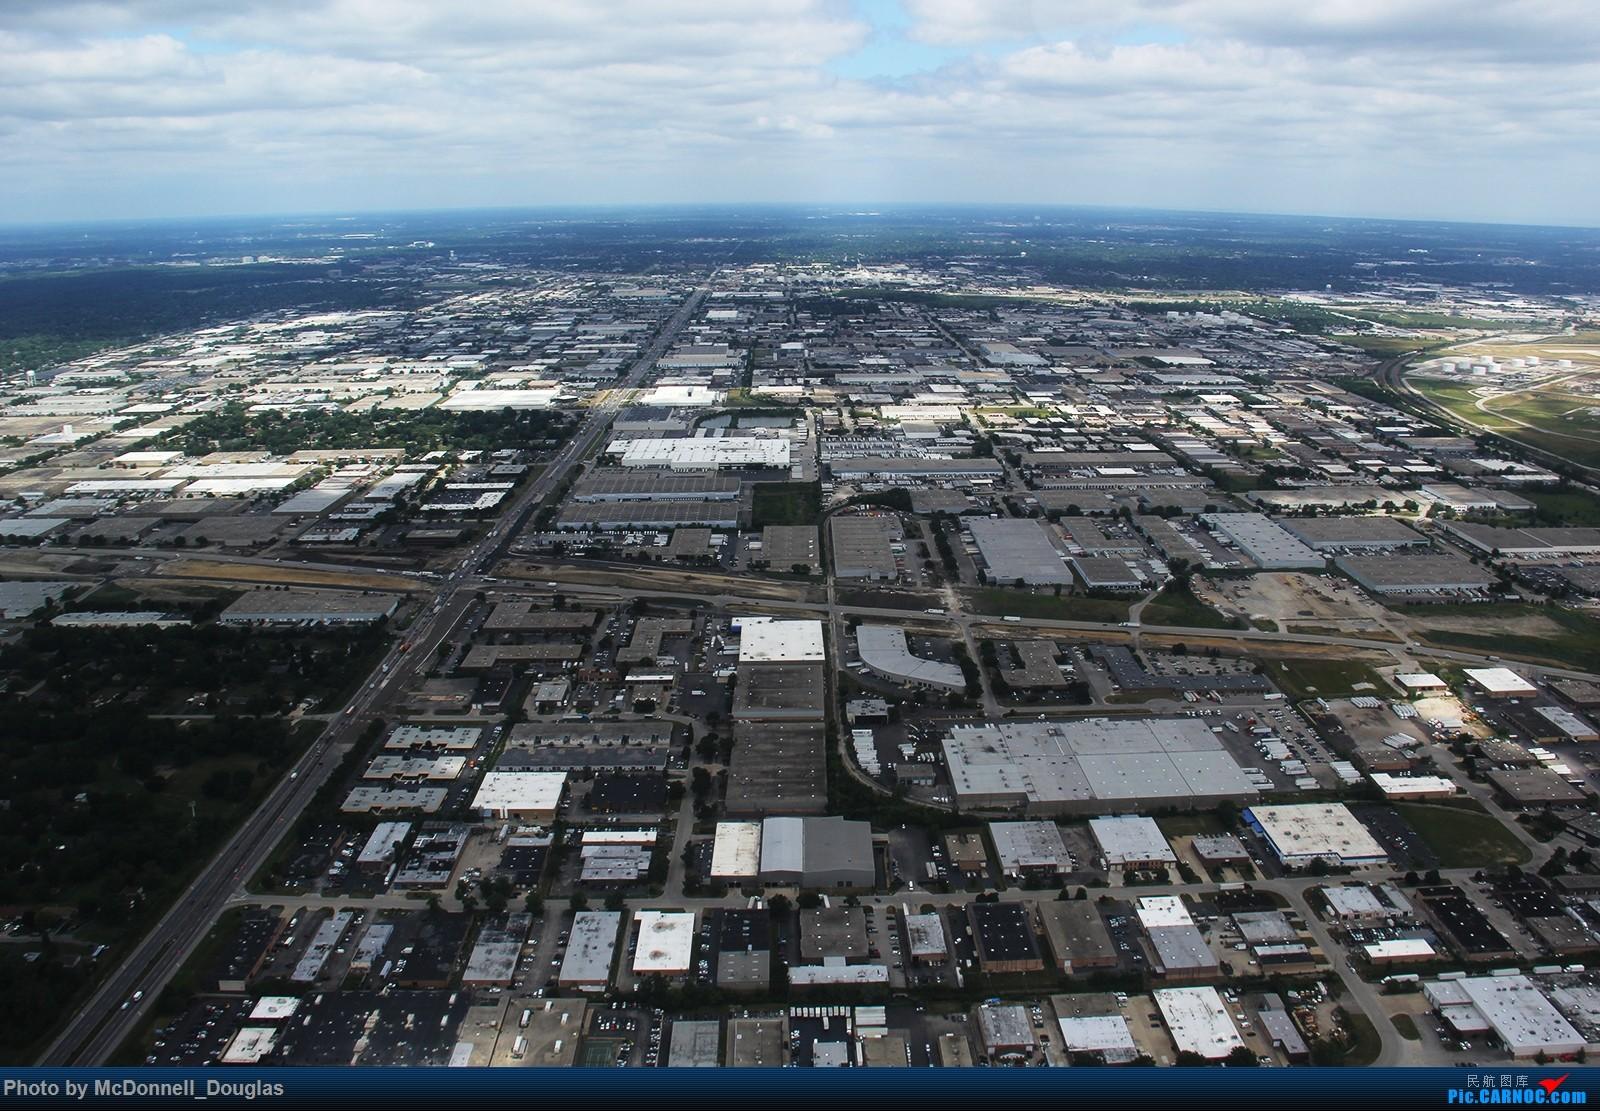 Re:[原创]【上海飞友会】图会很多,也有很多驾驶舱,杂七杂八的美帝,梦寐以求的圣马丁,这更绝不弃贴【驾驶舱已出现】 BOEING717-2BD N953AT 美国芝加哥奥黑尔国际机场